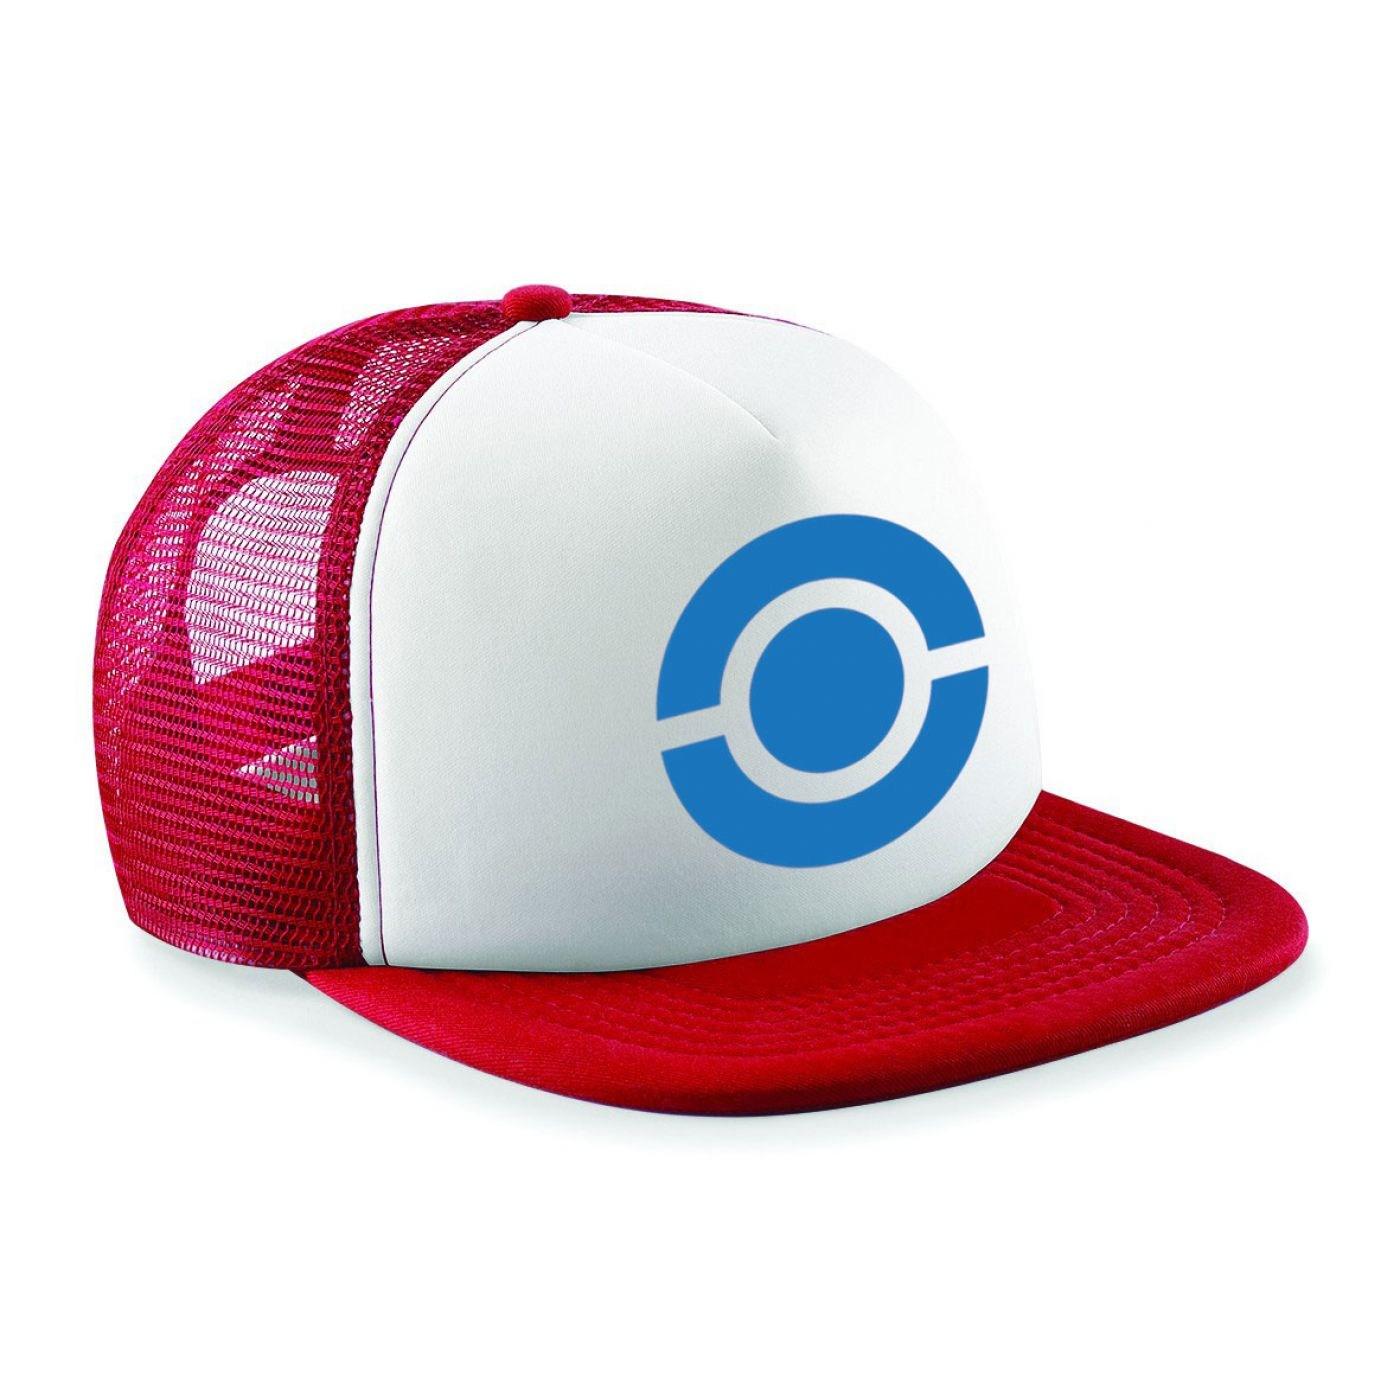 Blue Ball And Ring baseball cap